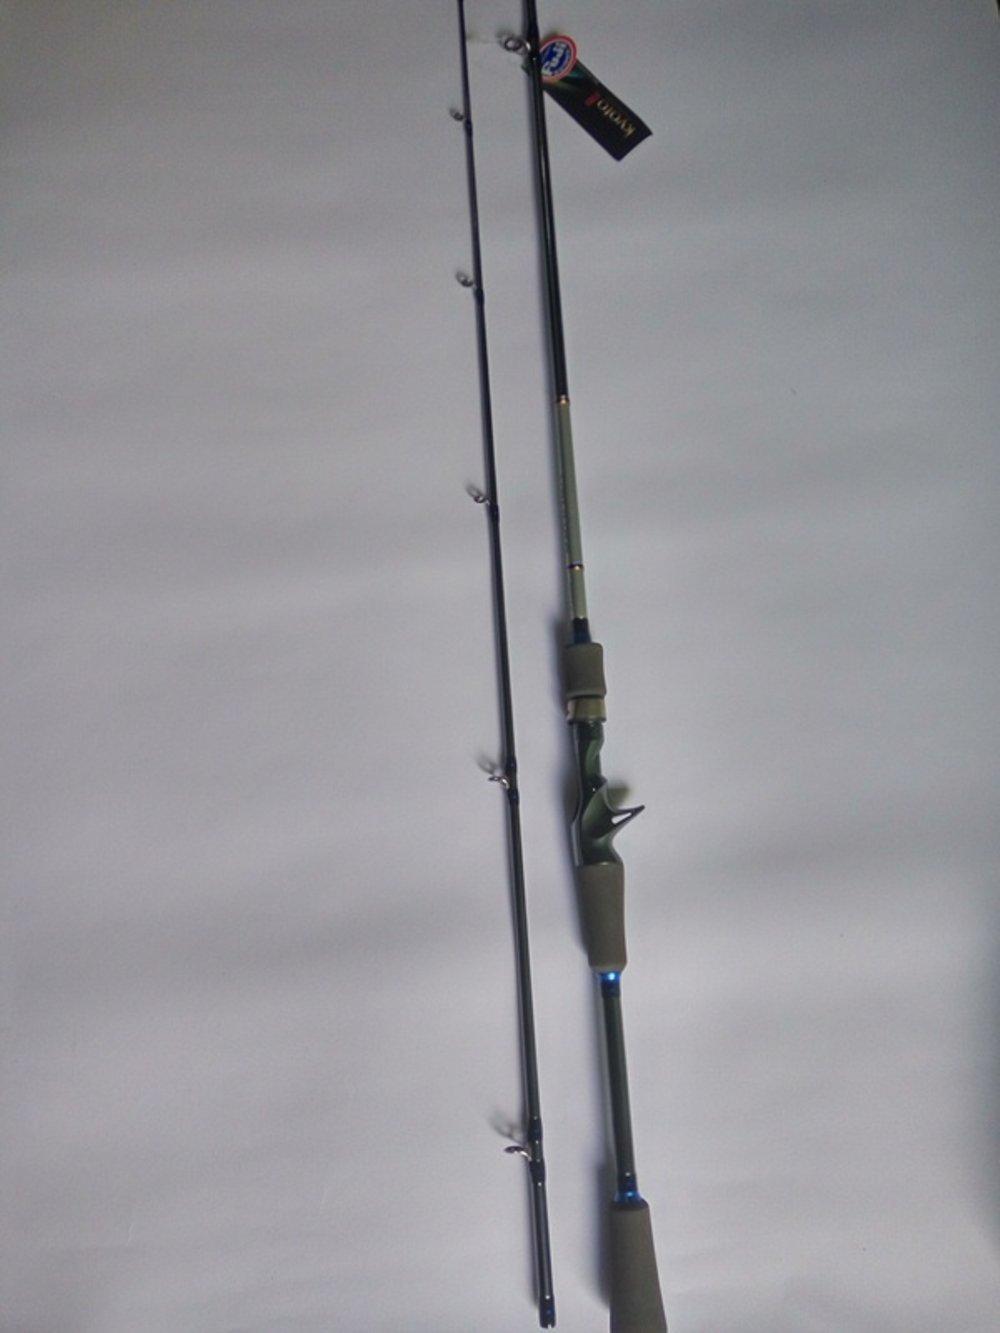 JORAN BAITCASTING KYOTO GUNNER GNRC-662MH KUAT ORIGINAL